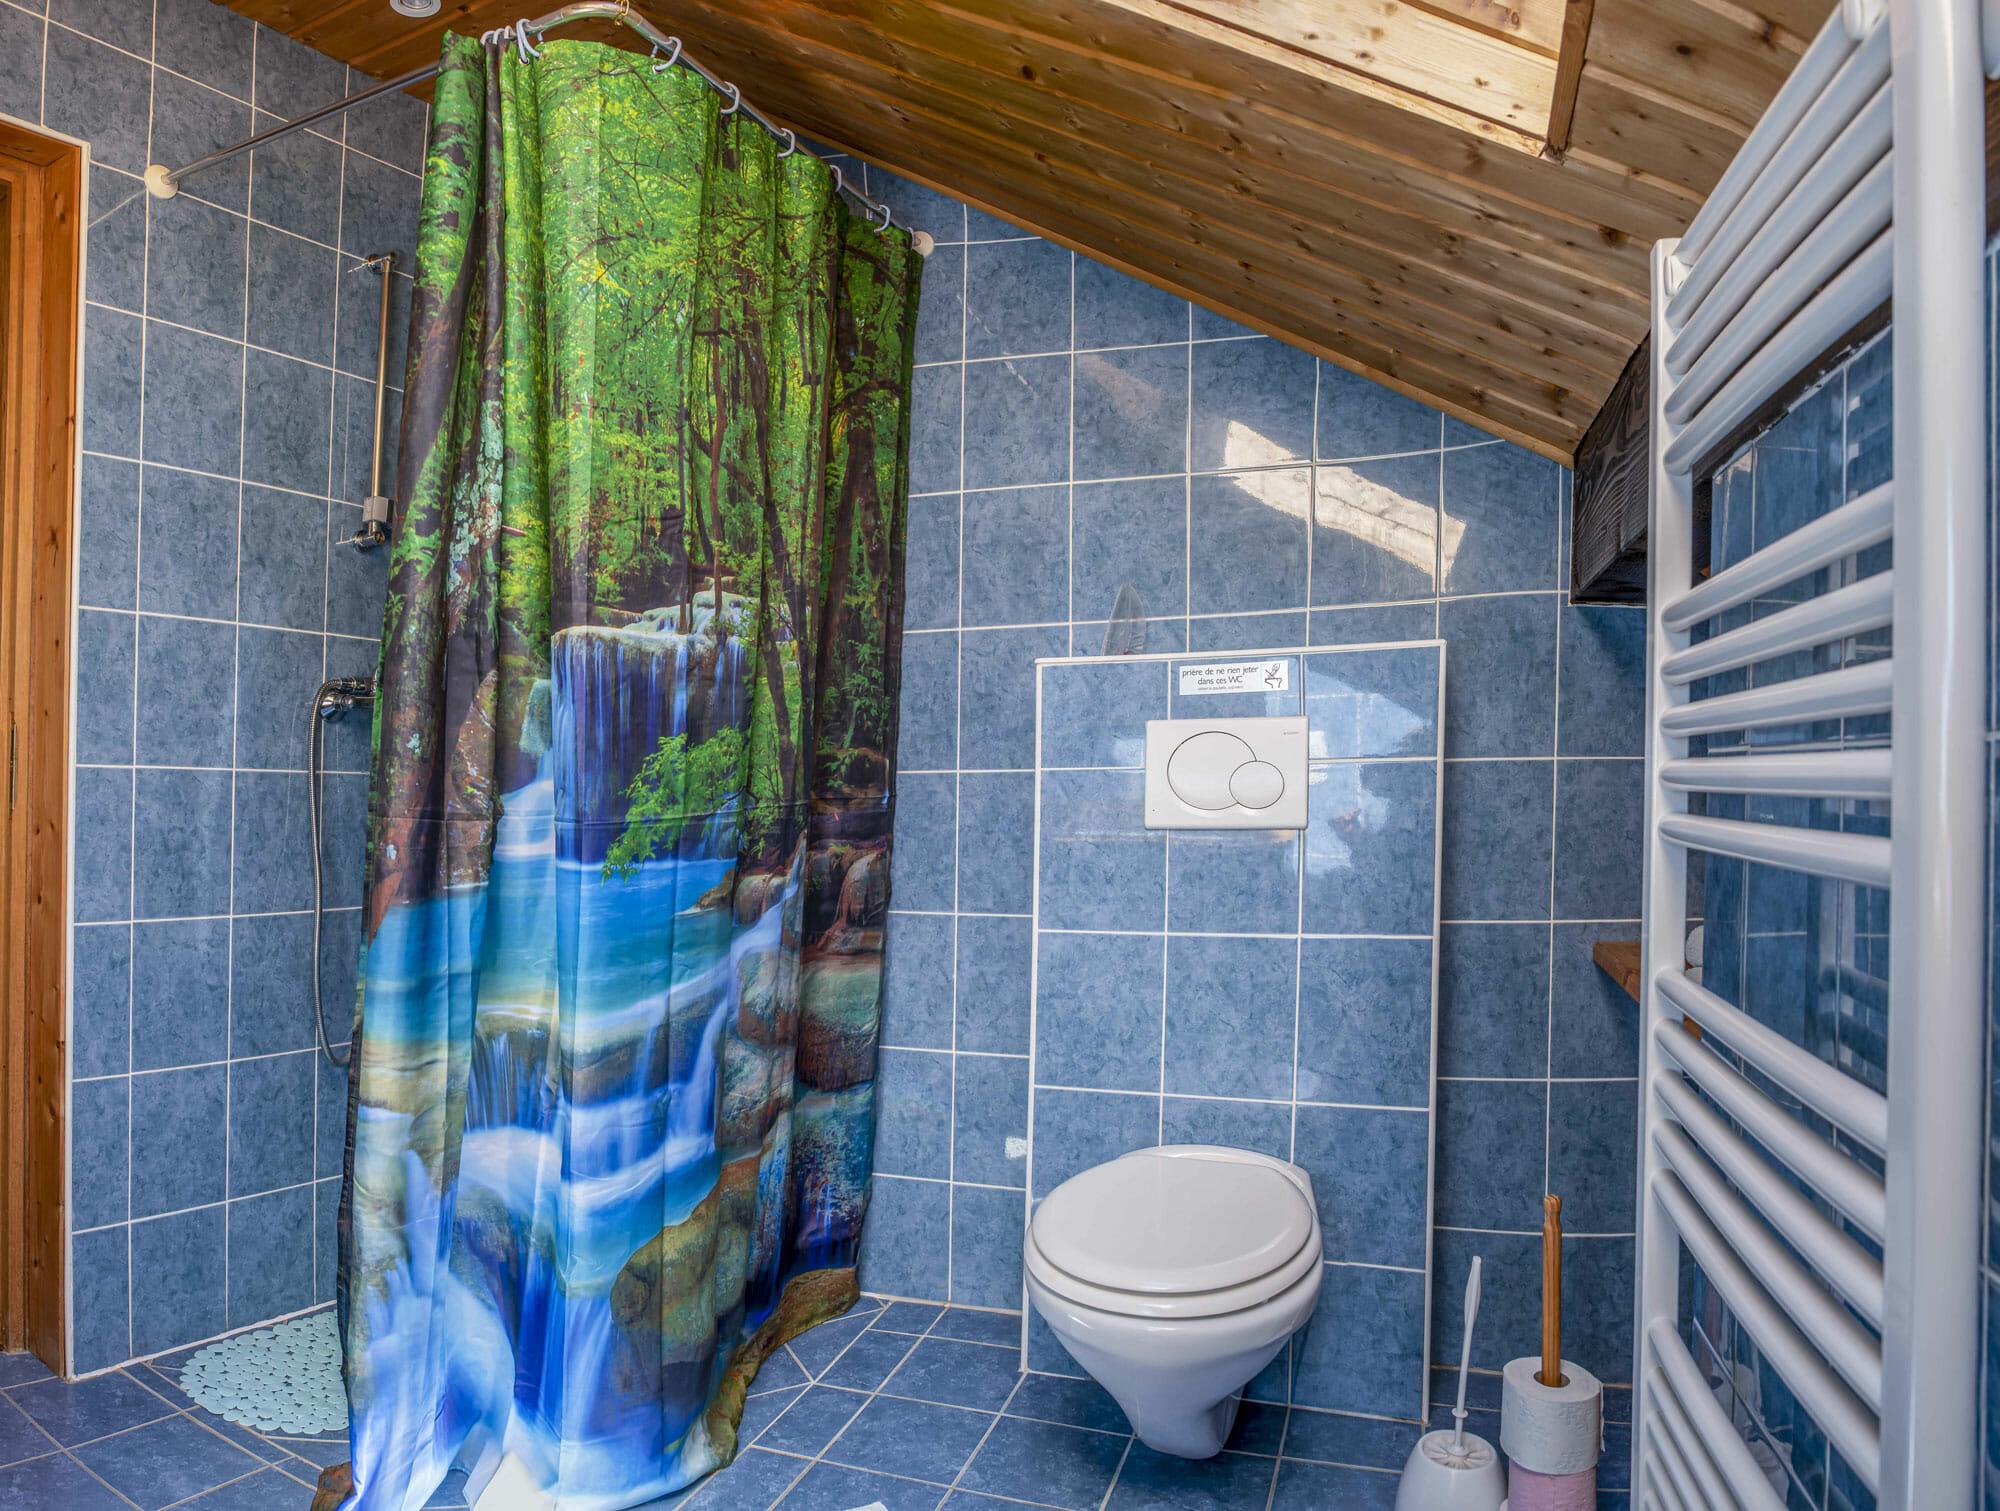 salle de bain a bellegarde maison d'hote